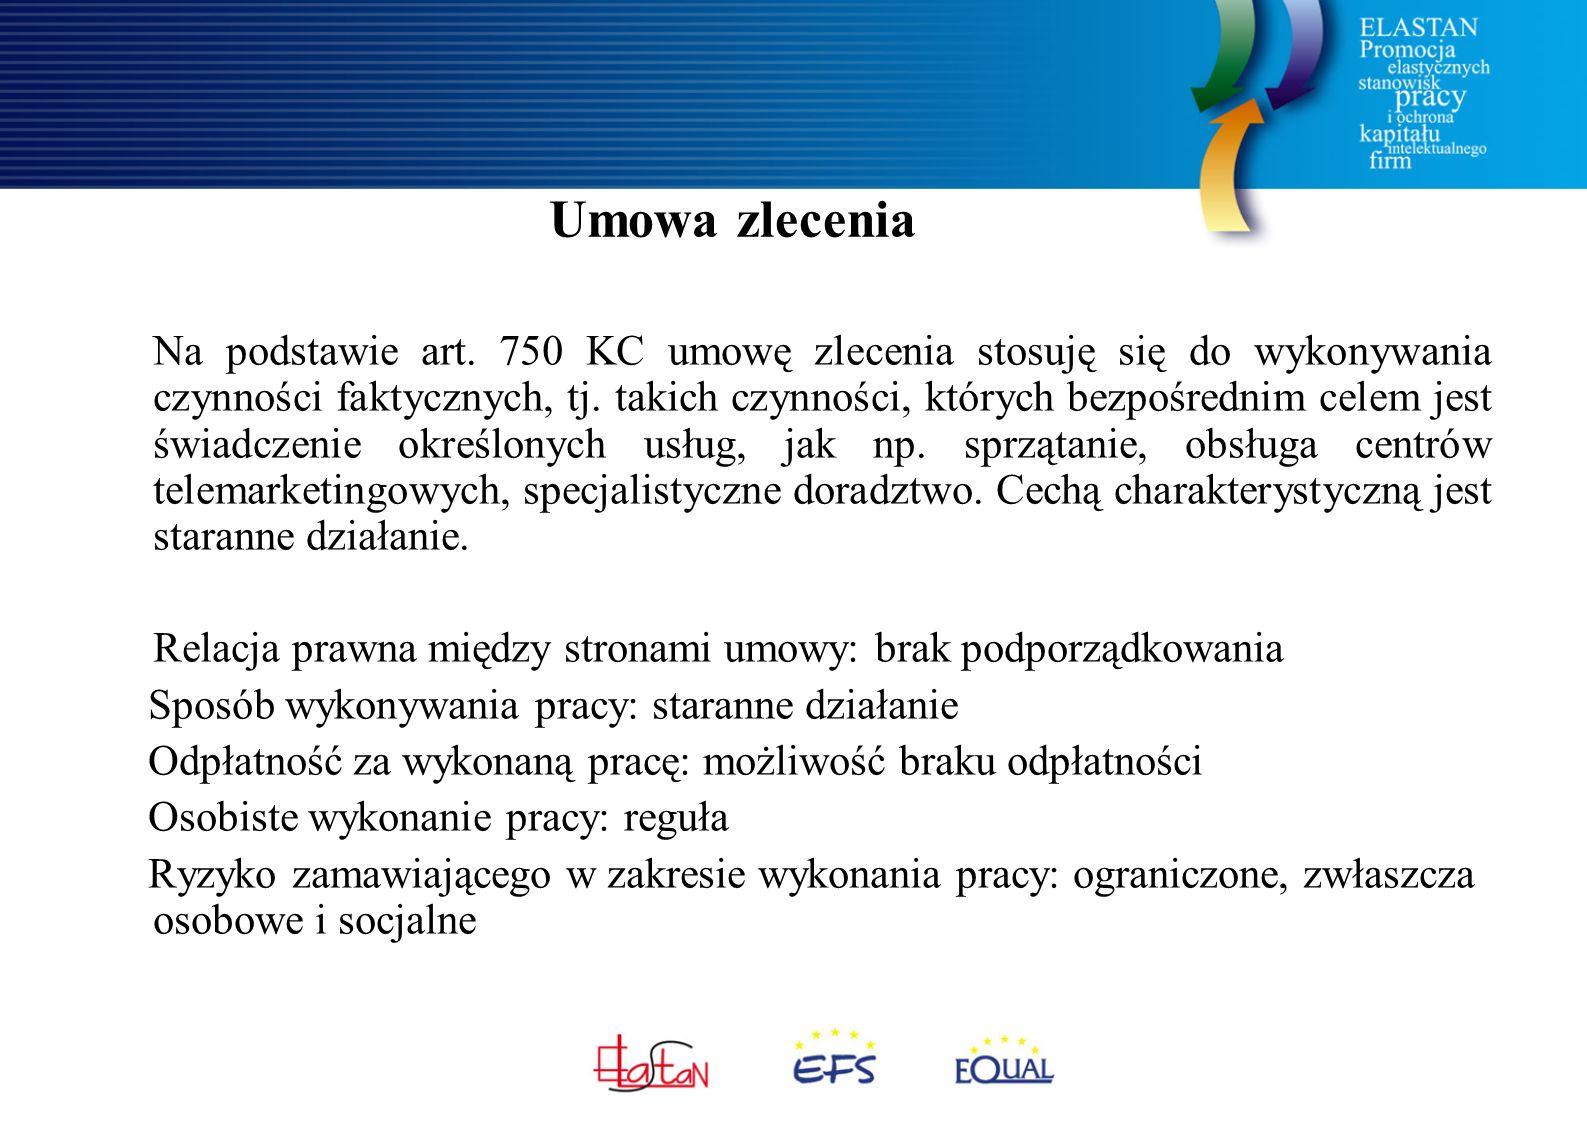 Zalety dla zlecającego duża elastyczność w ustalaniu wzajemnych praw i obowiązków, zleceniodawca może wypowiedzieć umowę w każdej chwili; możliwe jest jednak umowne ograniczenia uprawnienia do wypowiedzenia z ważnych powodów, możliwe ustalenie odszkodowania za rozwiązanie umowy, umowa zlecenia może być nieodpłatna; brak ustawowego określenia minimalnych świadczeń stron, brak określenia częstotliwości wypłaty, która może być dokonana jednorazowo po zakończeniu pracy, zleceniobiorca sam organizuje sobie pracę, nie przysługują mu więc godziny nadliczbowe czy świadczenia przestojowe, zleceniobiorcy nie przysługują też płatne urlopy wypoczynkowe i inne zwolnienia okolicznościowe od świadczenia pracy, brak ryzyka przekształcenia kolejnej umowy w umowę bezterminową, zleceniodawca nie finansuje świadczeń w razie zwolnienia lekarskiego, występują stosunkowo niskie koszty osobowe związane z obowiązkowymi składkami ubezpieczeniowymi i opodatkowaniem.